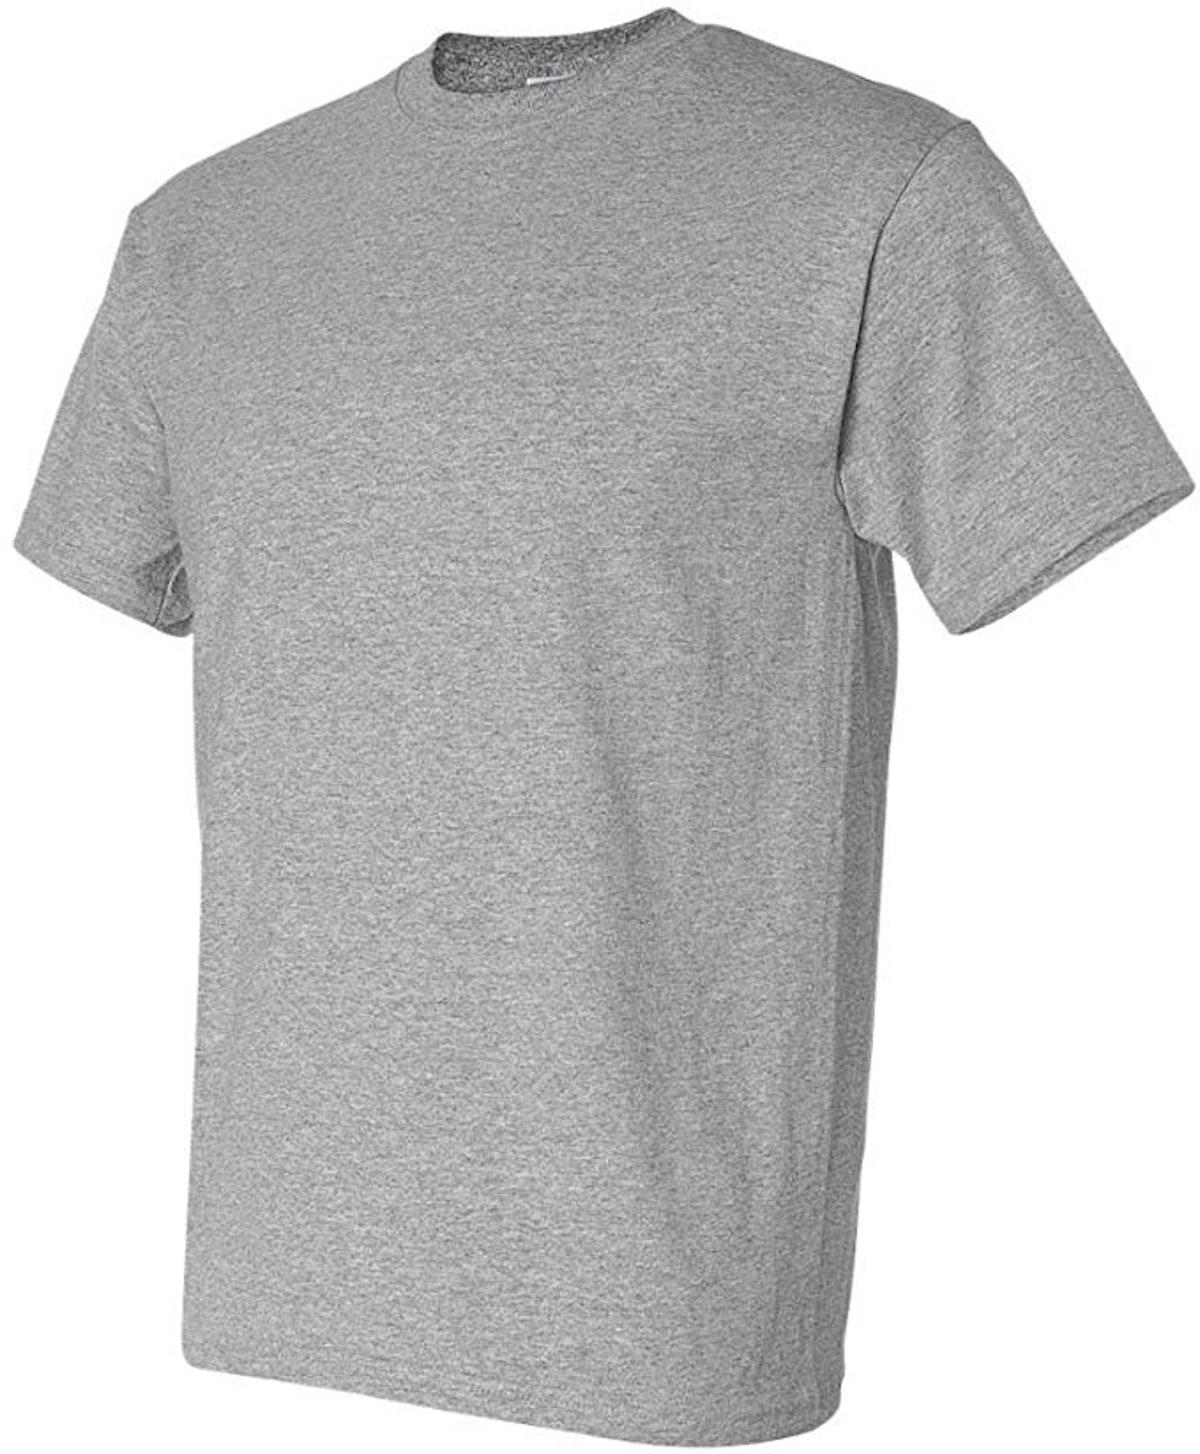 Gildan G800 DryBlend Short Sleeve T-Shirt